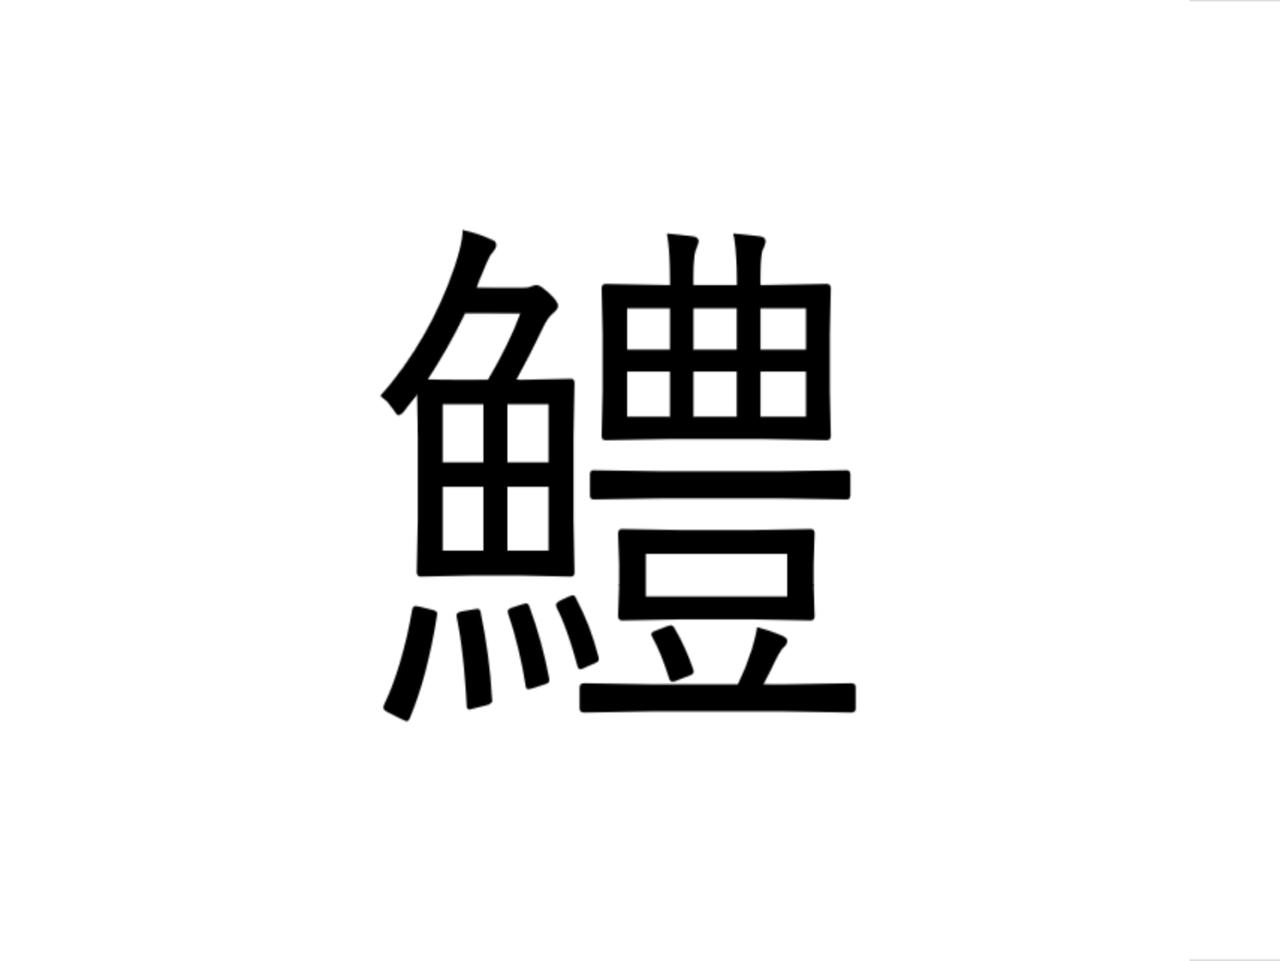 豊かな魚と書いて「鱧」、これなんて読む?兵庫県淡路島の郷土料理にも使用。